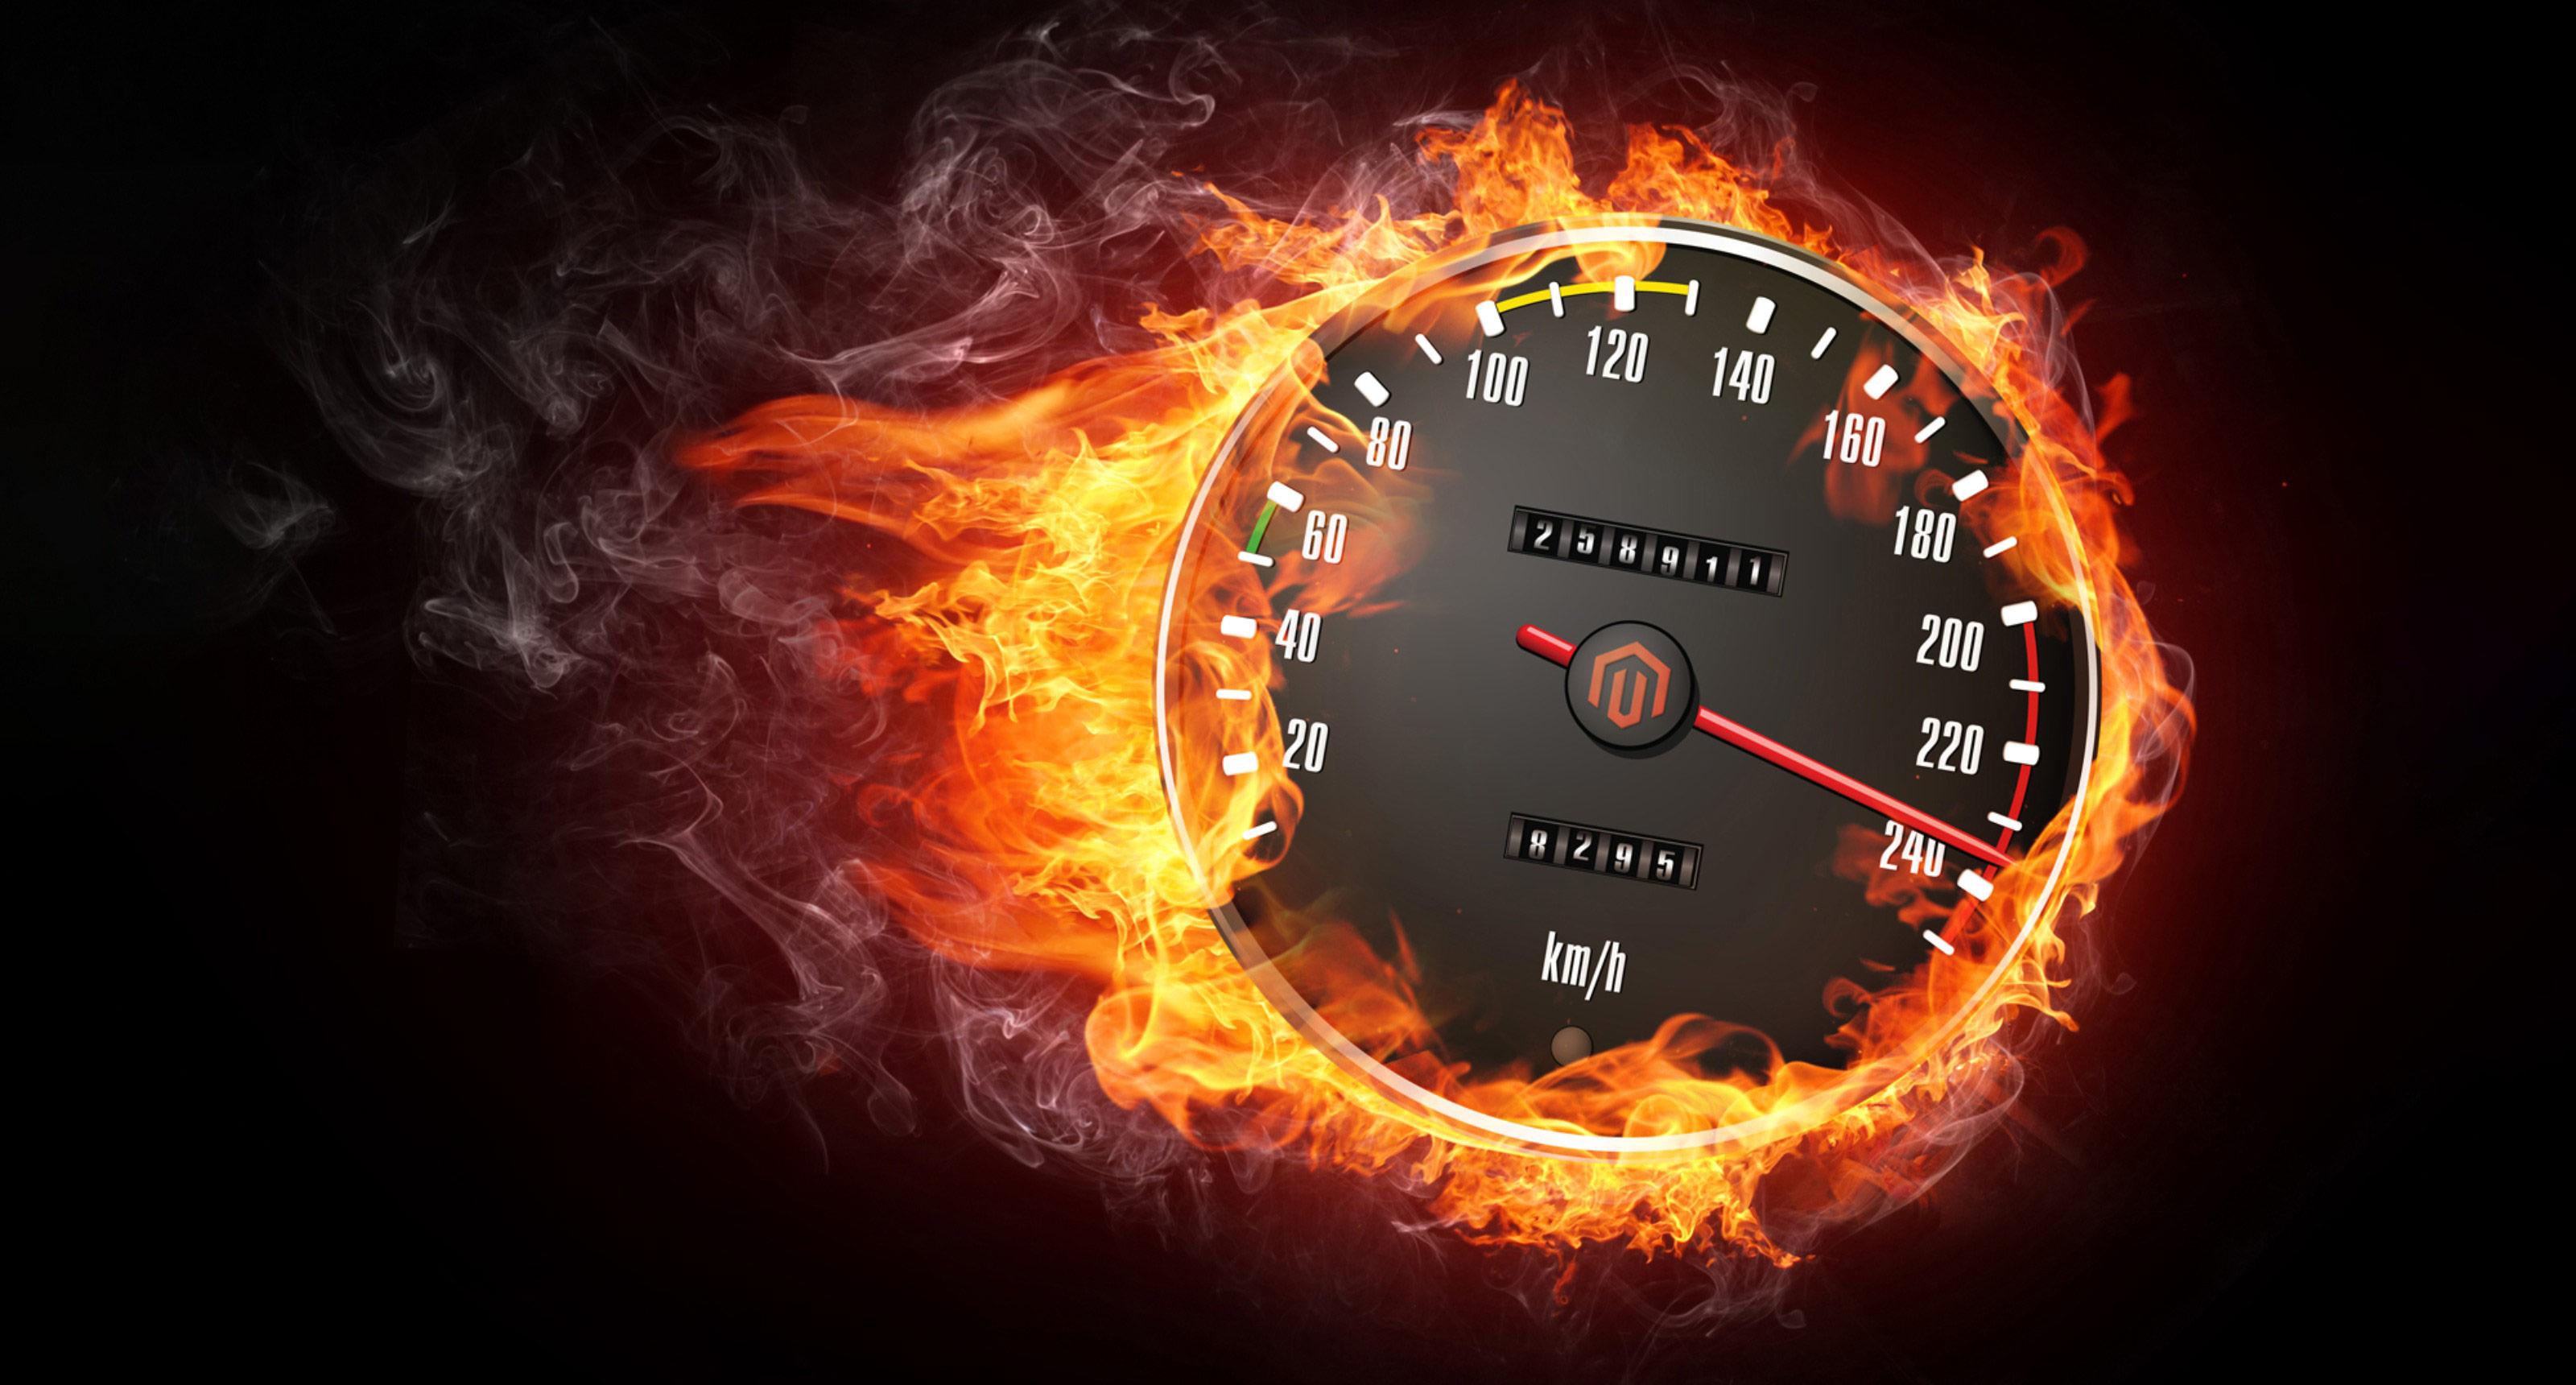 <p><em>Чип-тюнинг — это настройка режимов работы электронных контроллеров путем коррекции внутренних управляющих программ. В основном понятие применяется для обозначения коррекции программы блока управления двигателем автомобиля с целью увеличения мощности.</em></p>